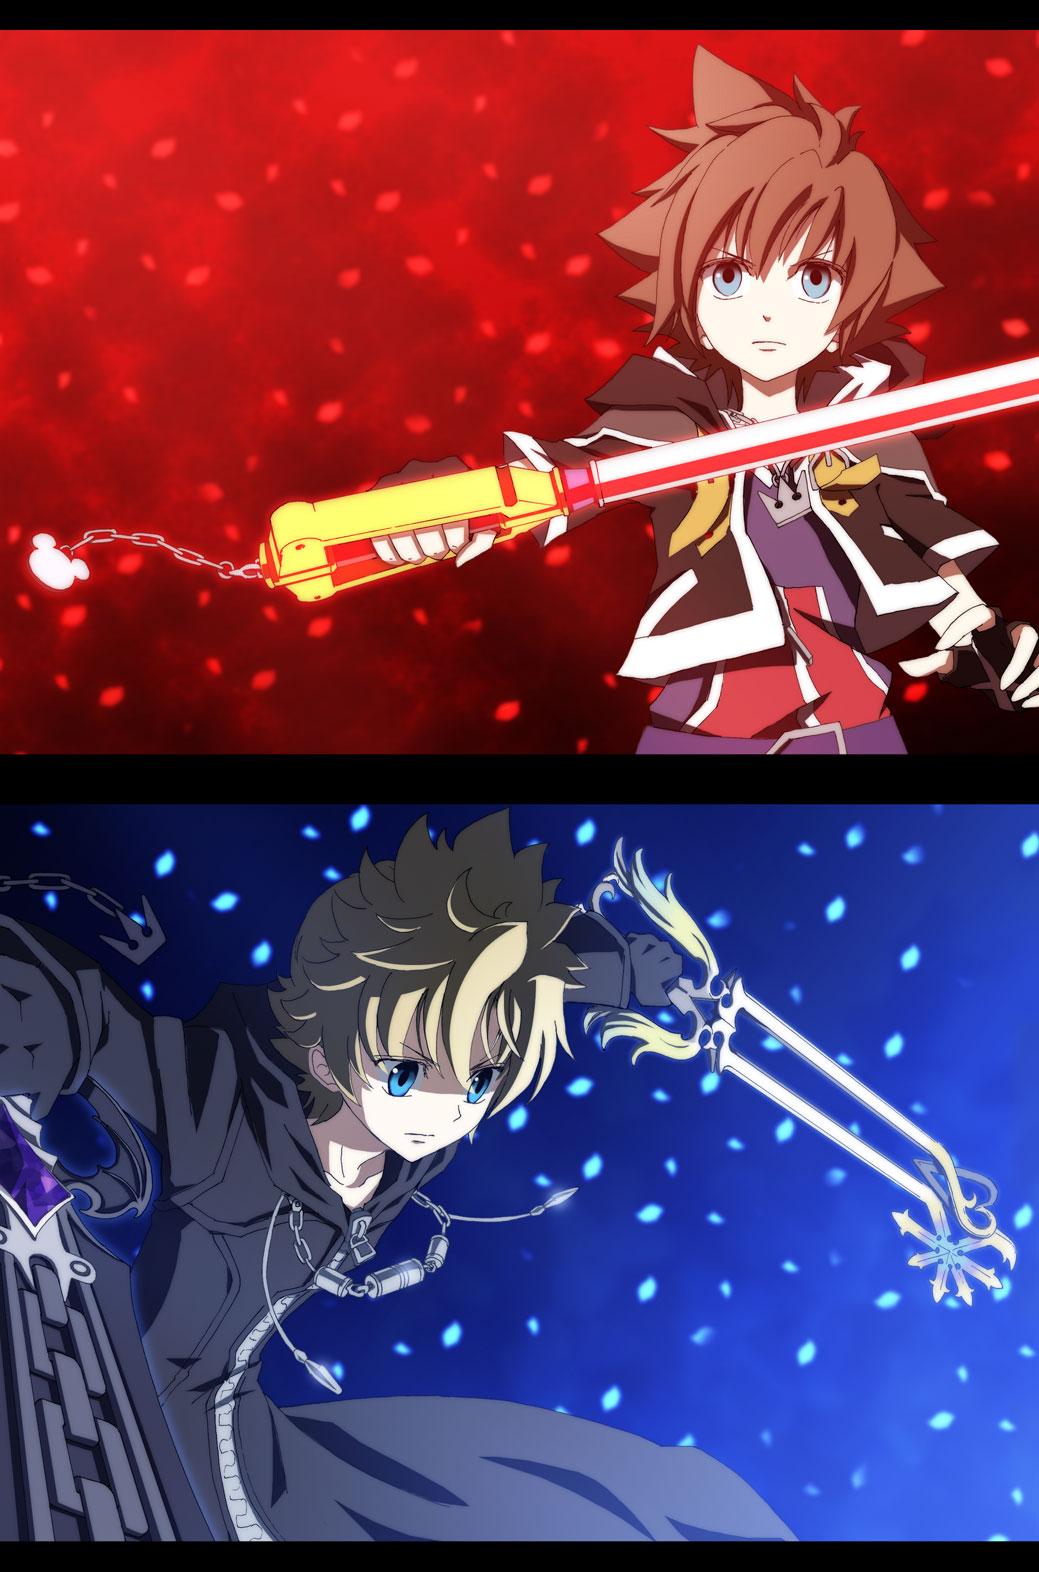 Kingdom Hearts Ii Mobile Wallpaper 312091 Zerochan Anime Image Board